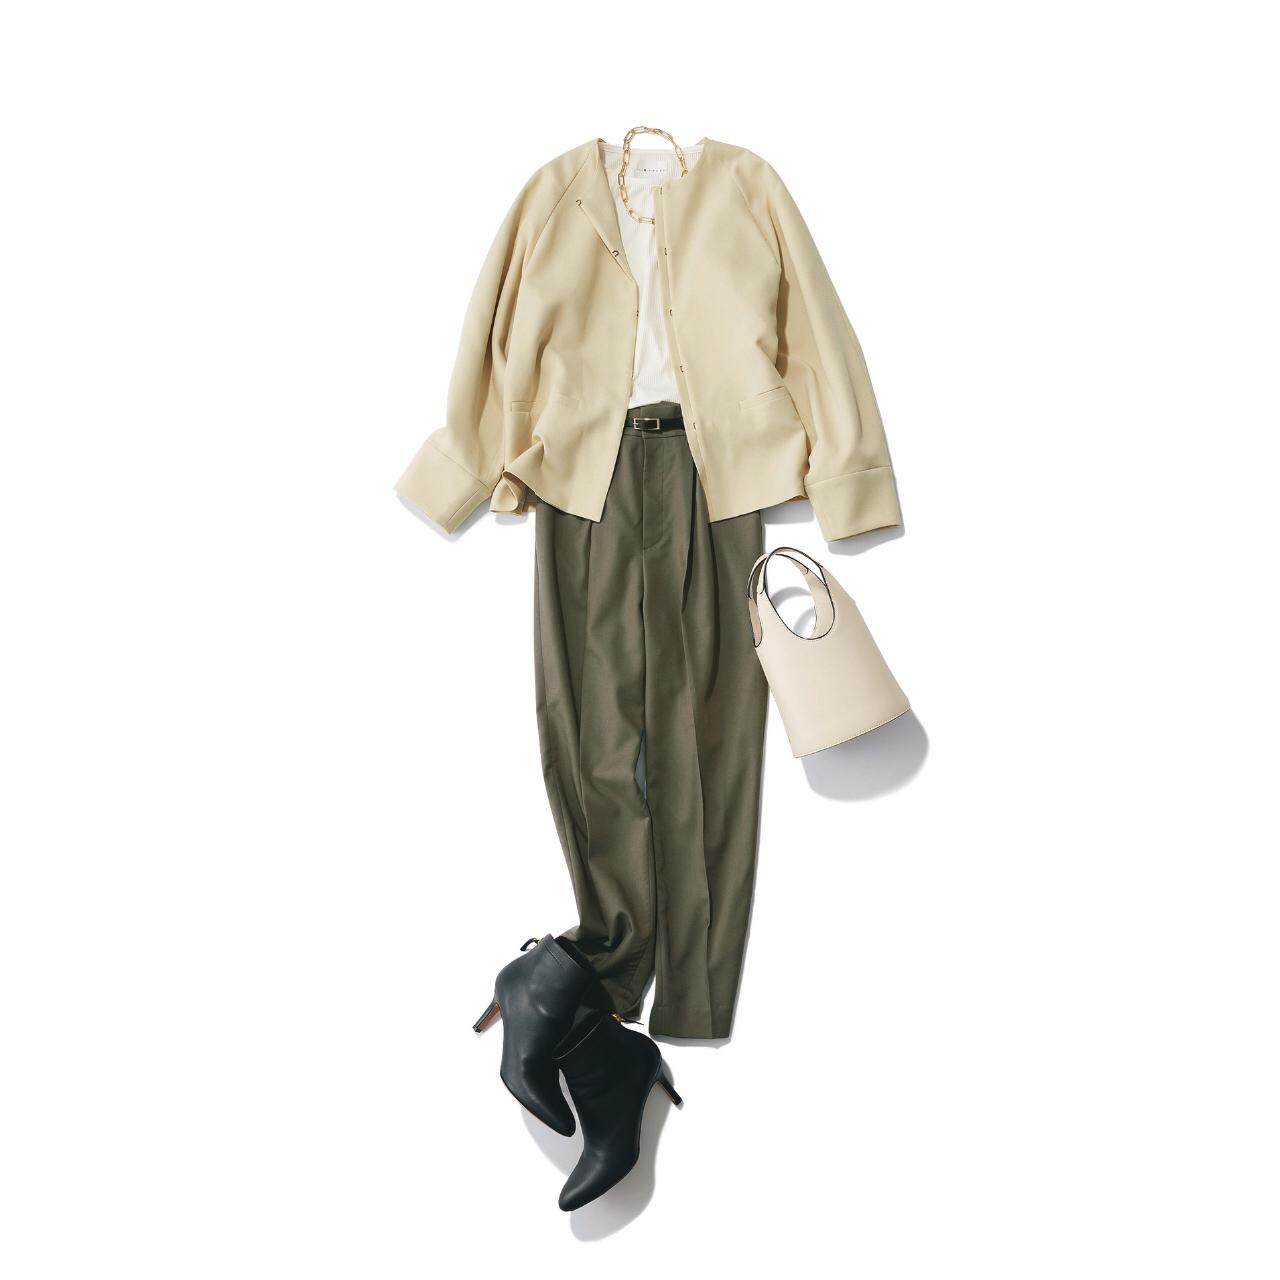 ベージュジャケットとカーキパンツ、黒ショートブーツのコーデ